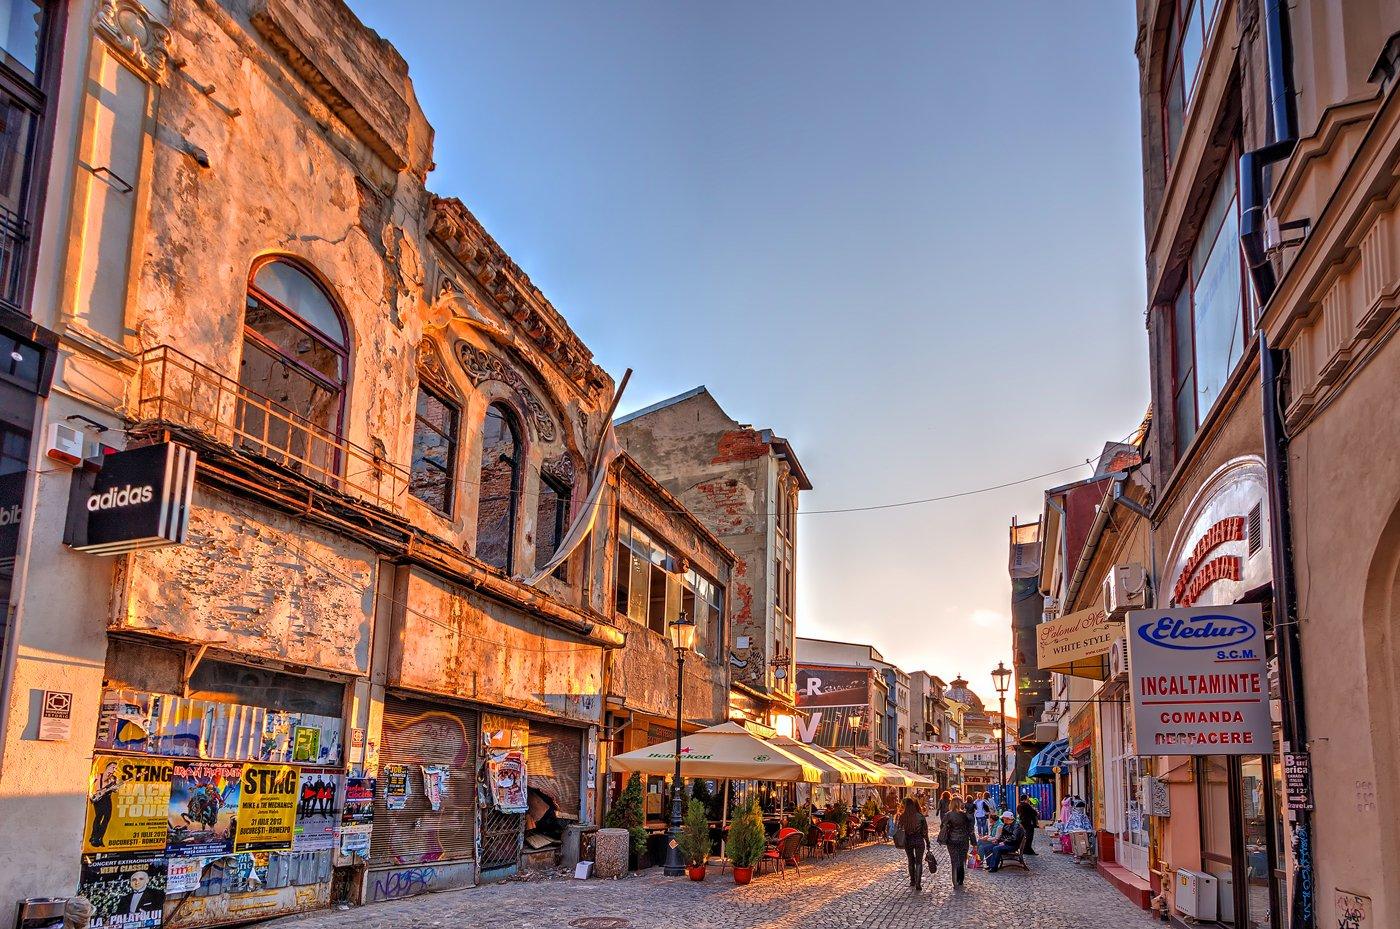 De oude stad van Boekarest zit vol met contrasten. Ruïnes en armoede in de Roemeense hoofdstad vlak naast hotels en luxe.